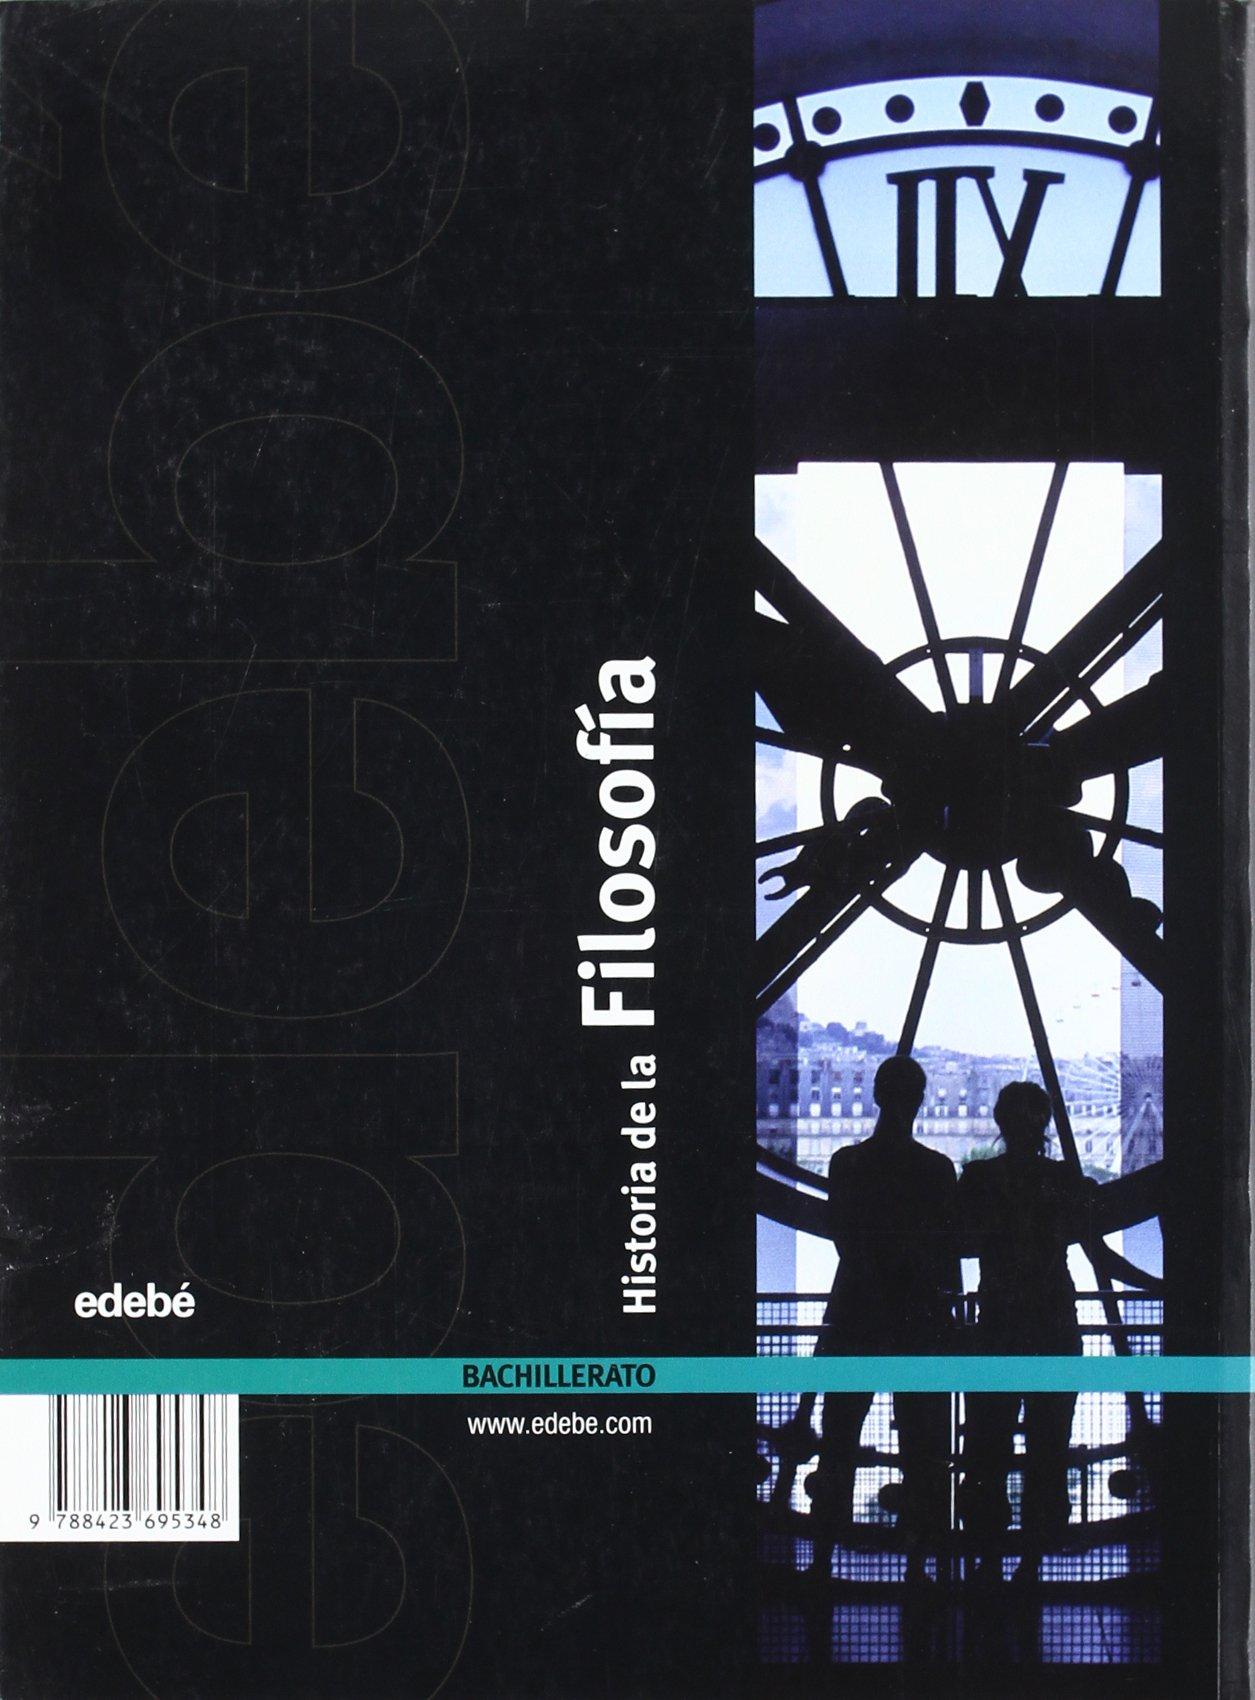 Historia de la filosofía, Bachillerato - 9788423695348: Amazon.es: Edebé, Obra Colectiva: Libros